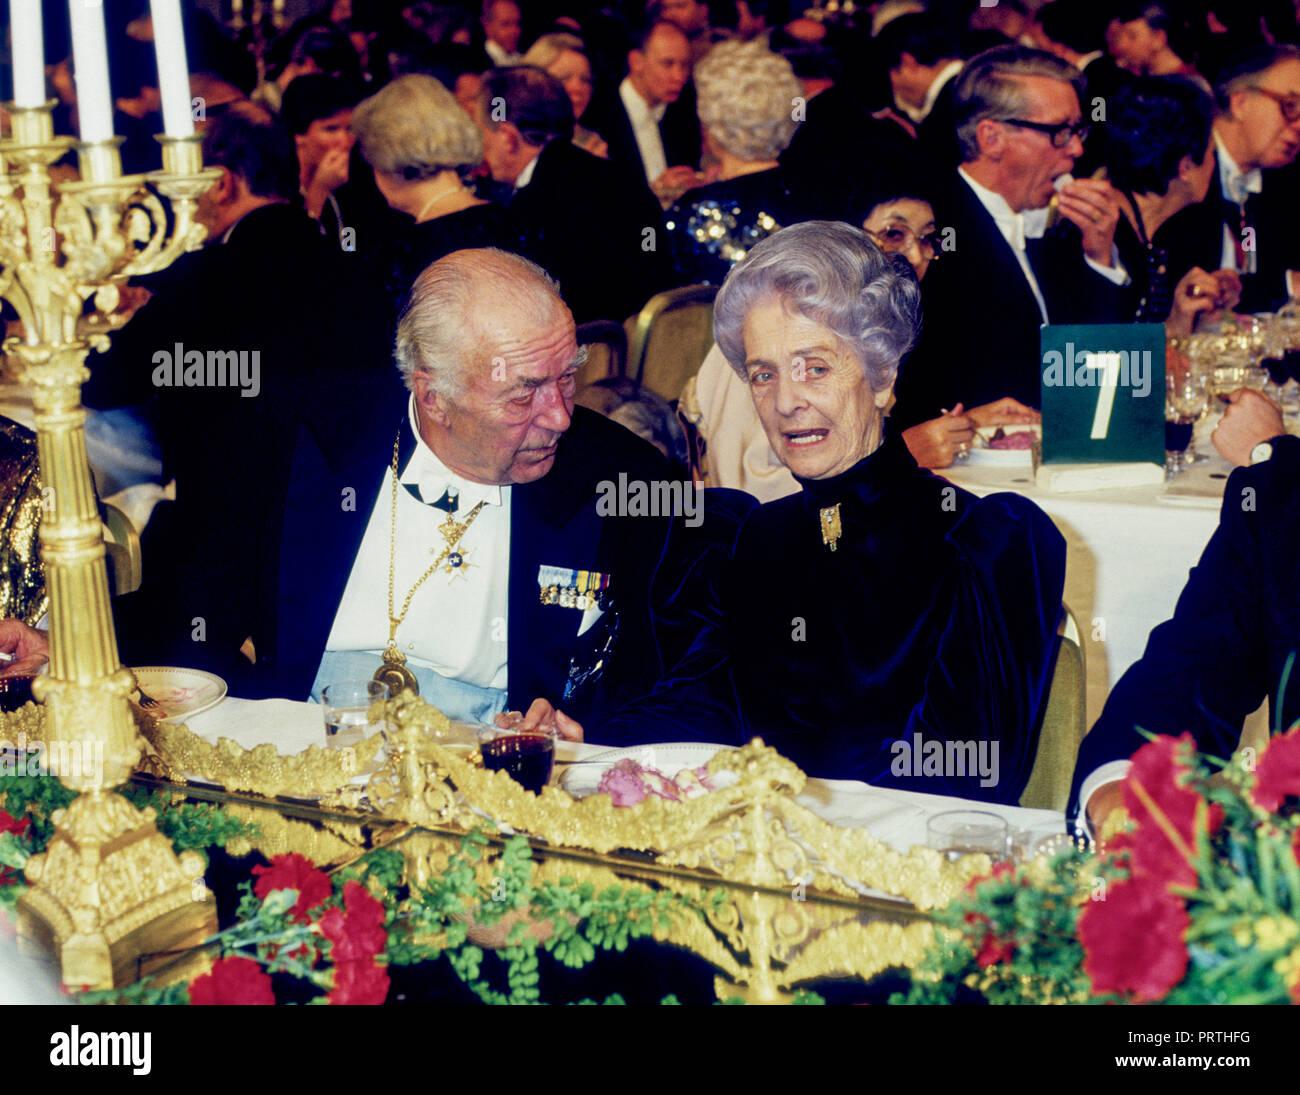 RITA LEVI MONTALCINI italienischen Nobelpreisträger für Medizin an der Nobelpreis Abendessen im Stockholmer Rathaus mit dem schwedischen Prinzen Bertil am Tisch. Sie war die Stockbild